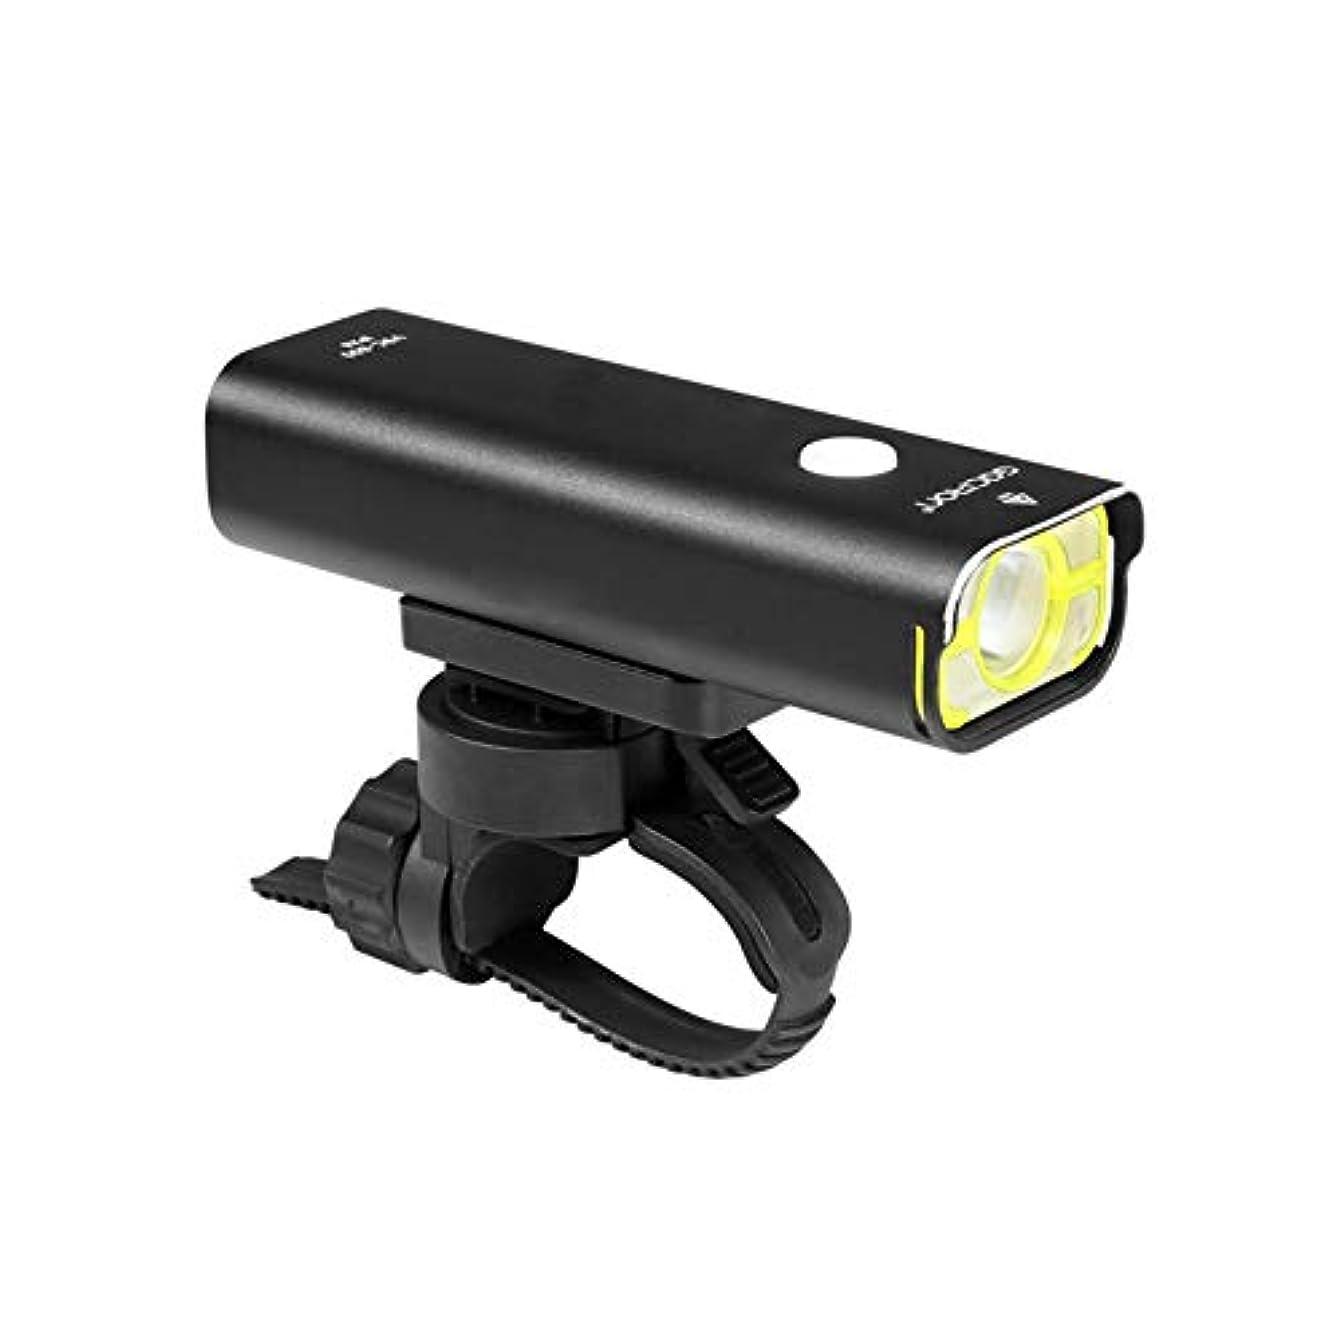 勤勉メンダシティ布自転車ライト 防水LED USB充電式 800ルーメン 軽量 アウトドア サイクルライトセット